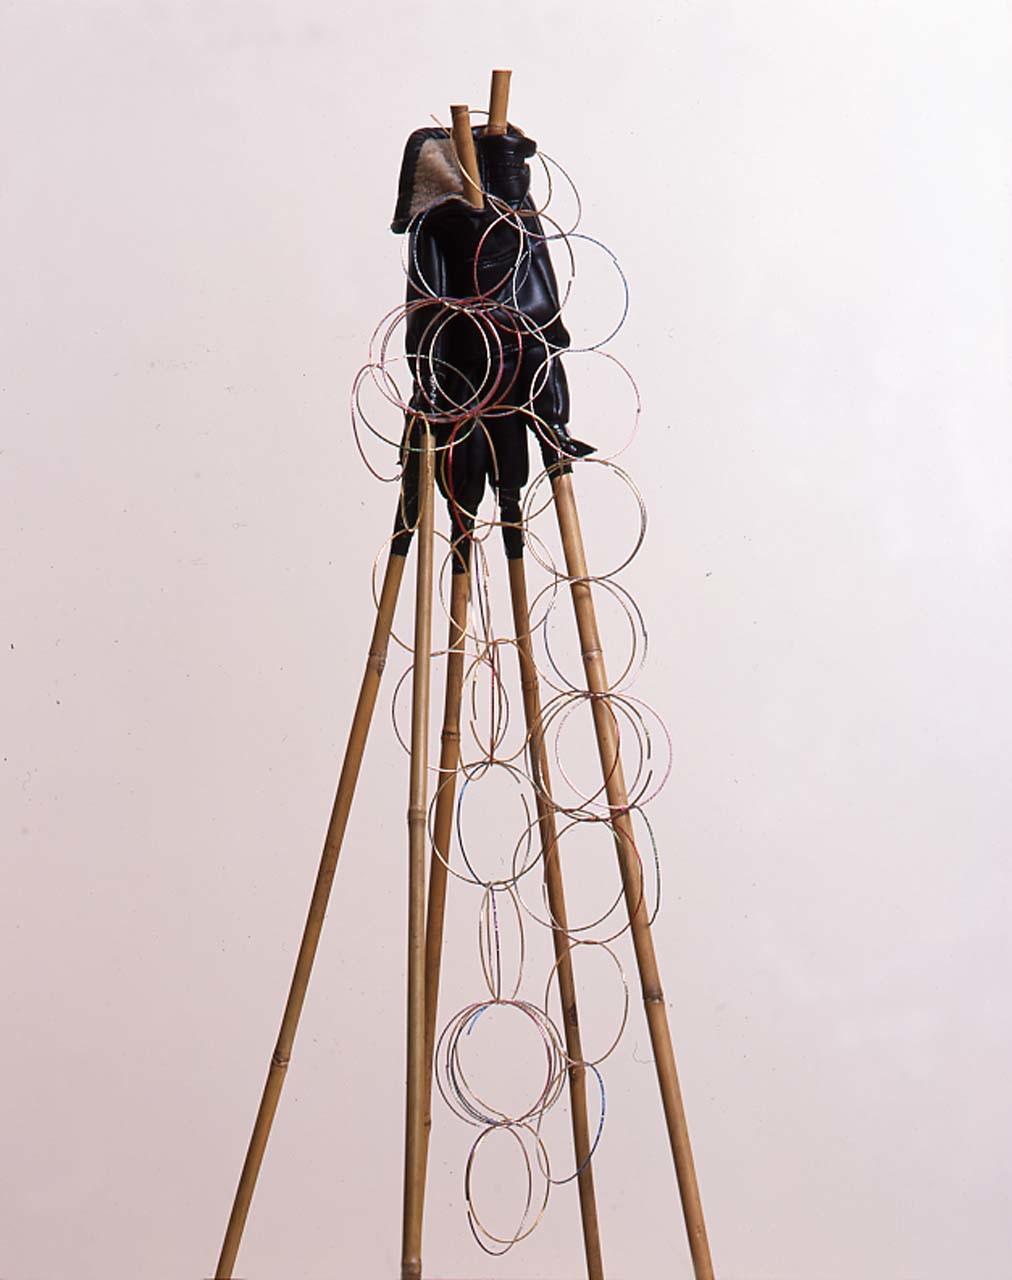 """<div class=""""artwork_caption""""><p>Salon Unisex, 2002</p></div>"""